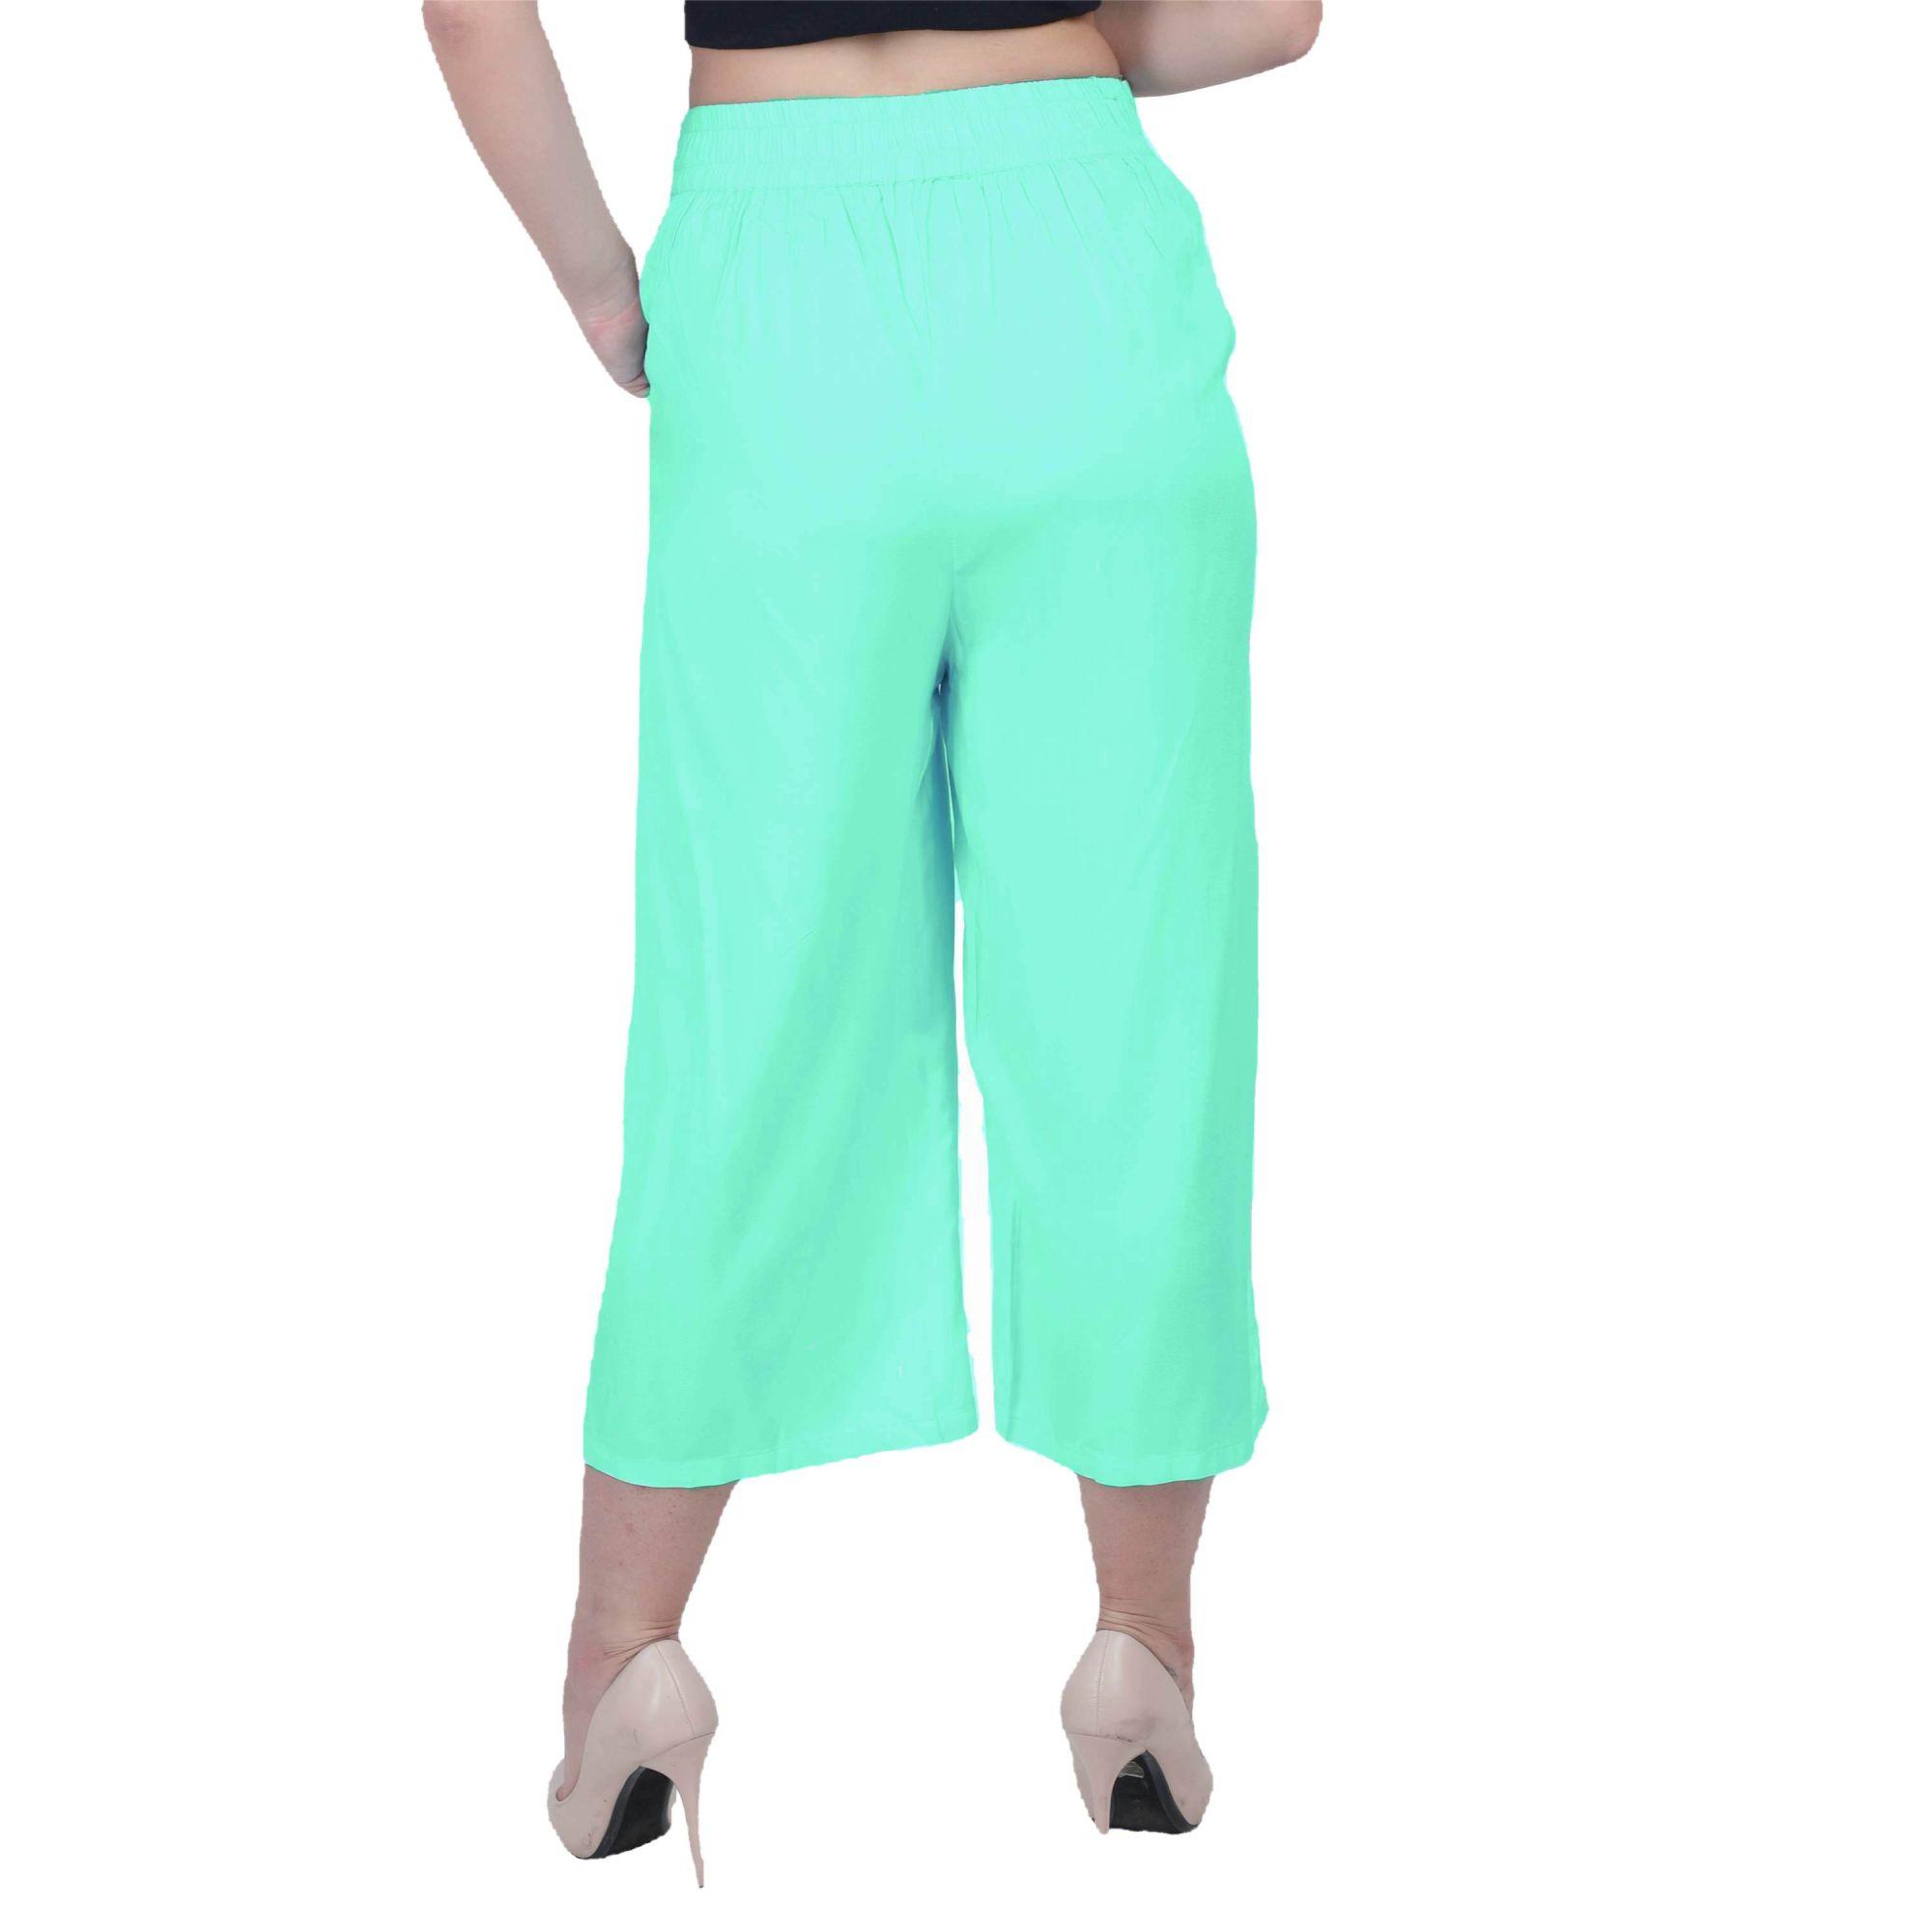 Regular Fit Tie Capri Trouser Pant in Teal Green